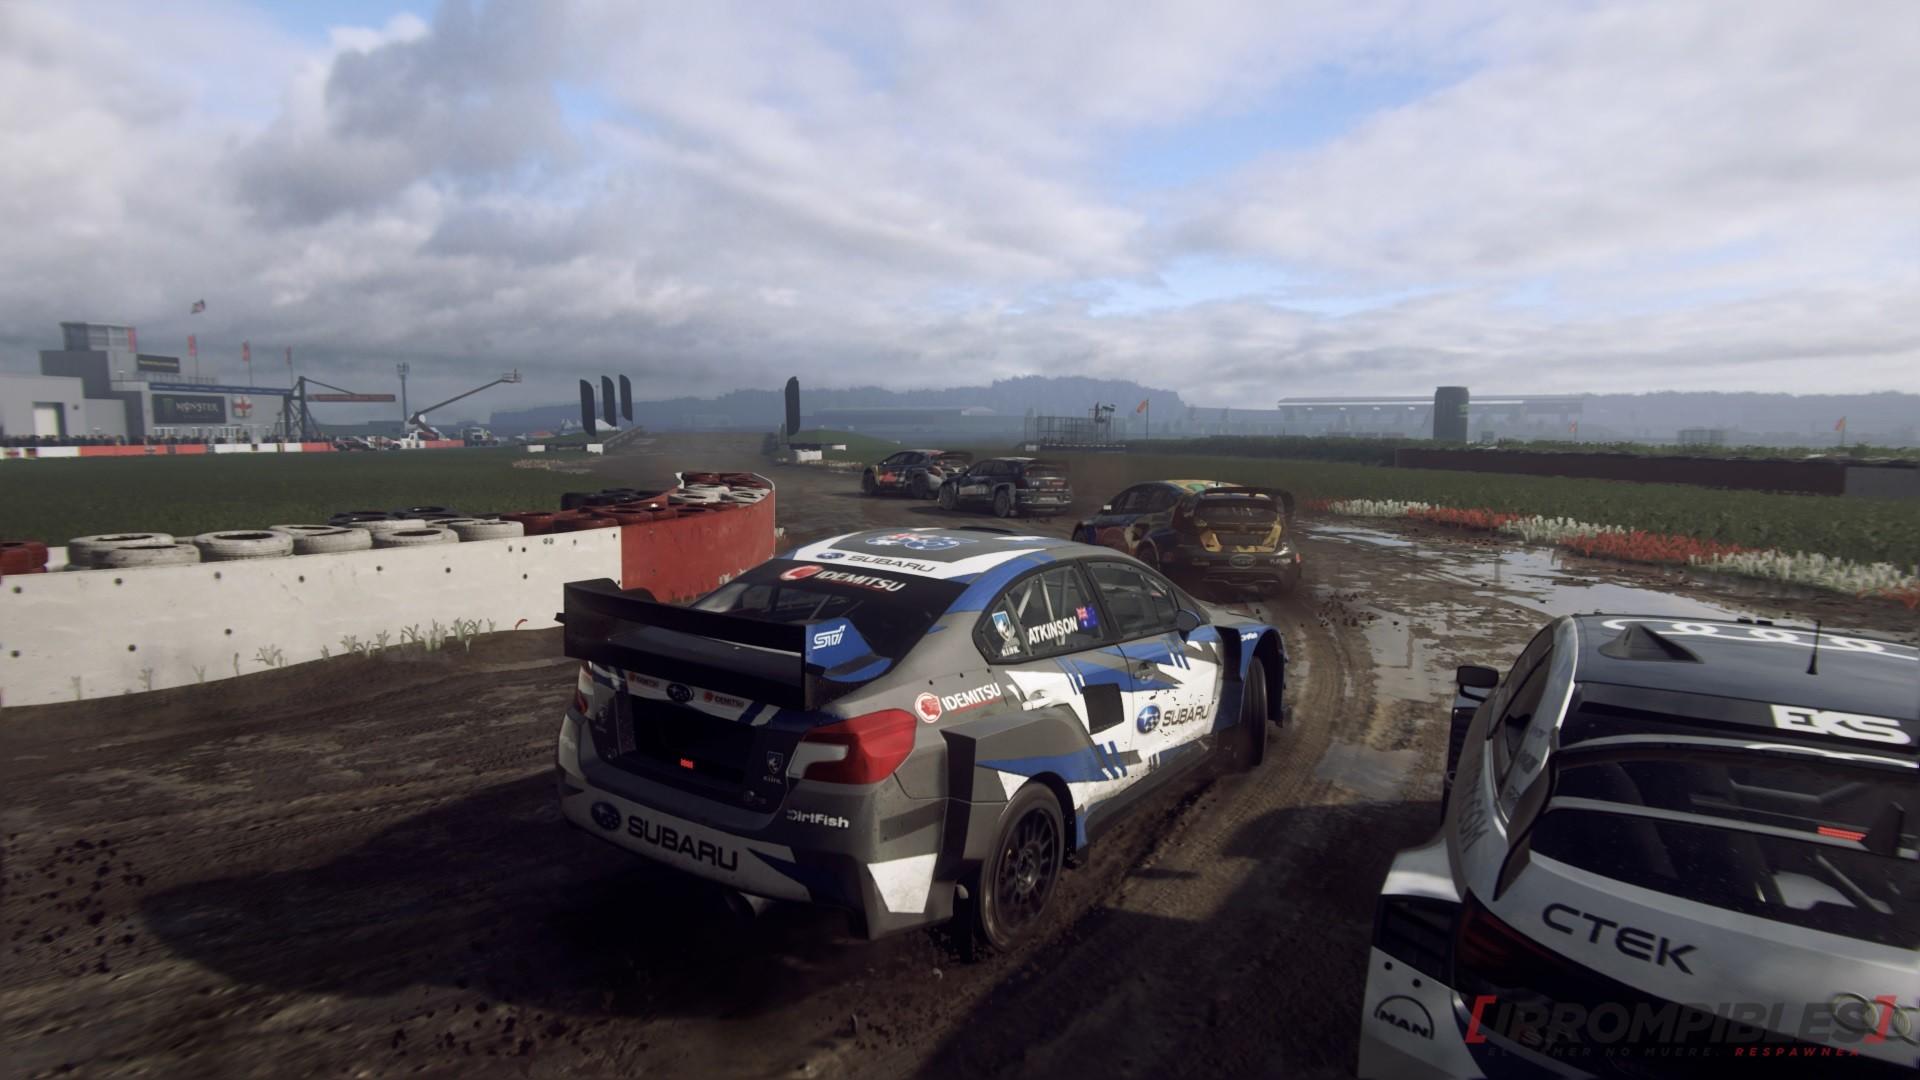 Rallycross, no me olvides